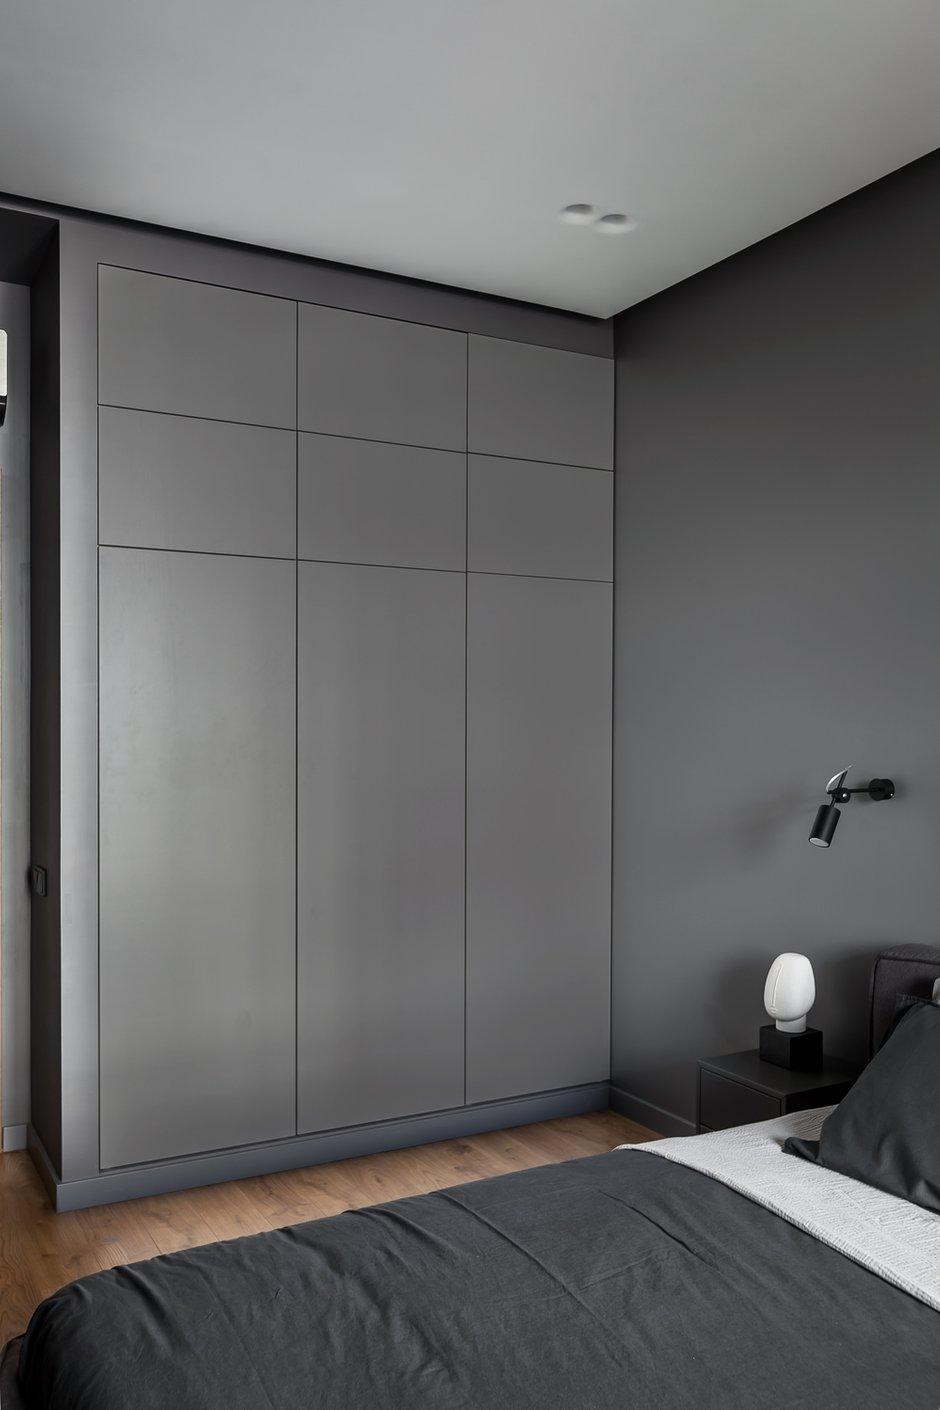 Фотография: Спальня в стиле Минимализм, Современный, Квартира, Проект недели, Химки, 3 комнаты, 60-90 метров, Flatforfox – фото на INMYROOM